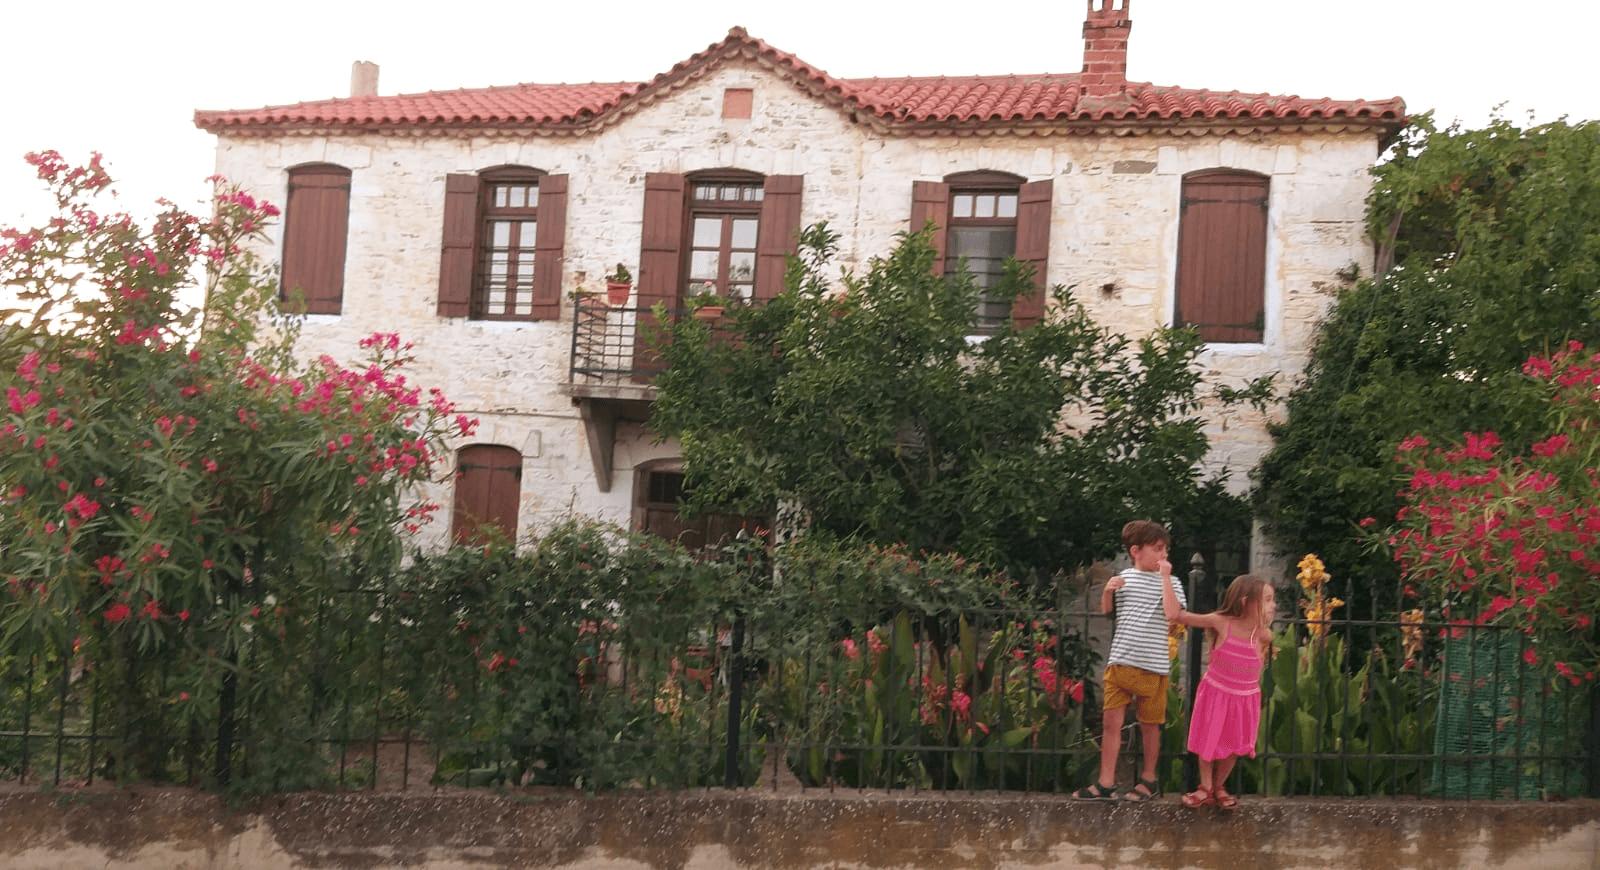 הכפר Agios Nikolaos חלקידיקי